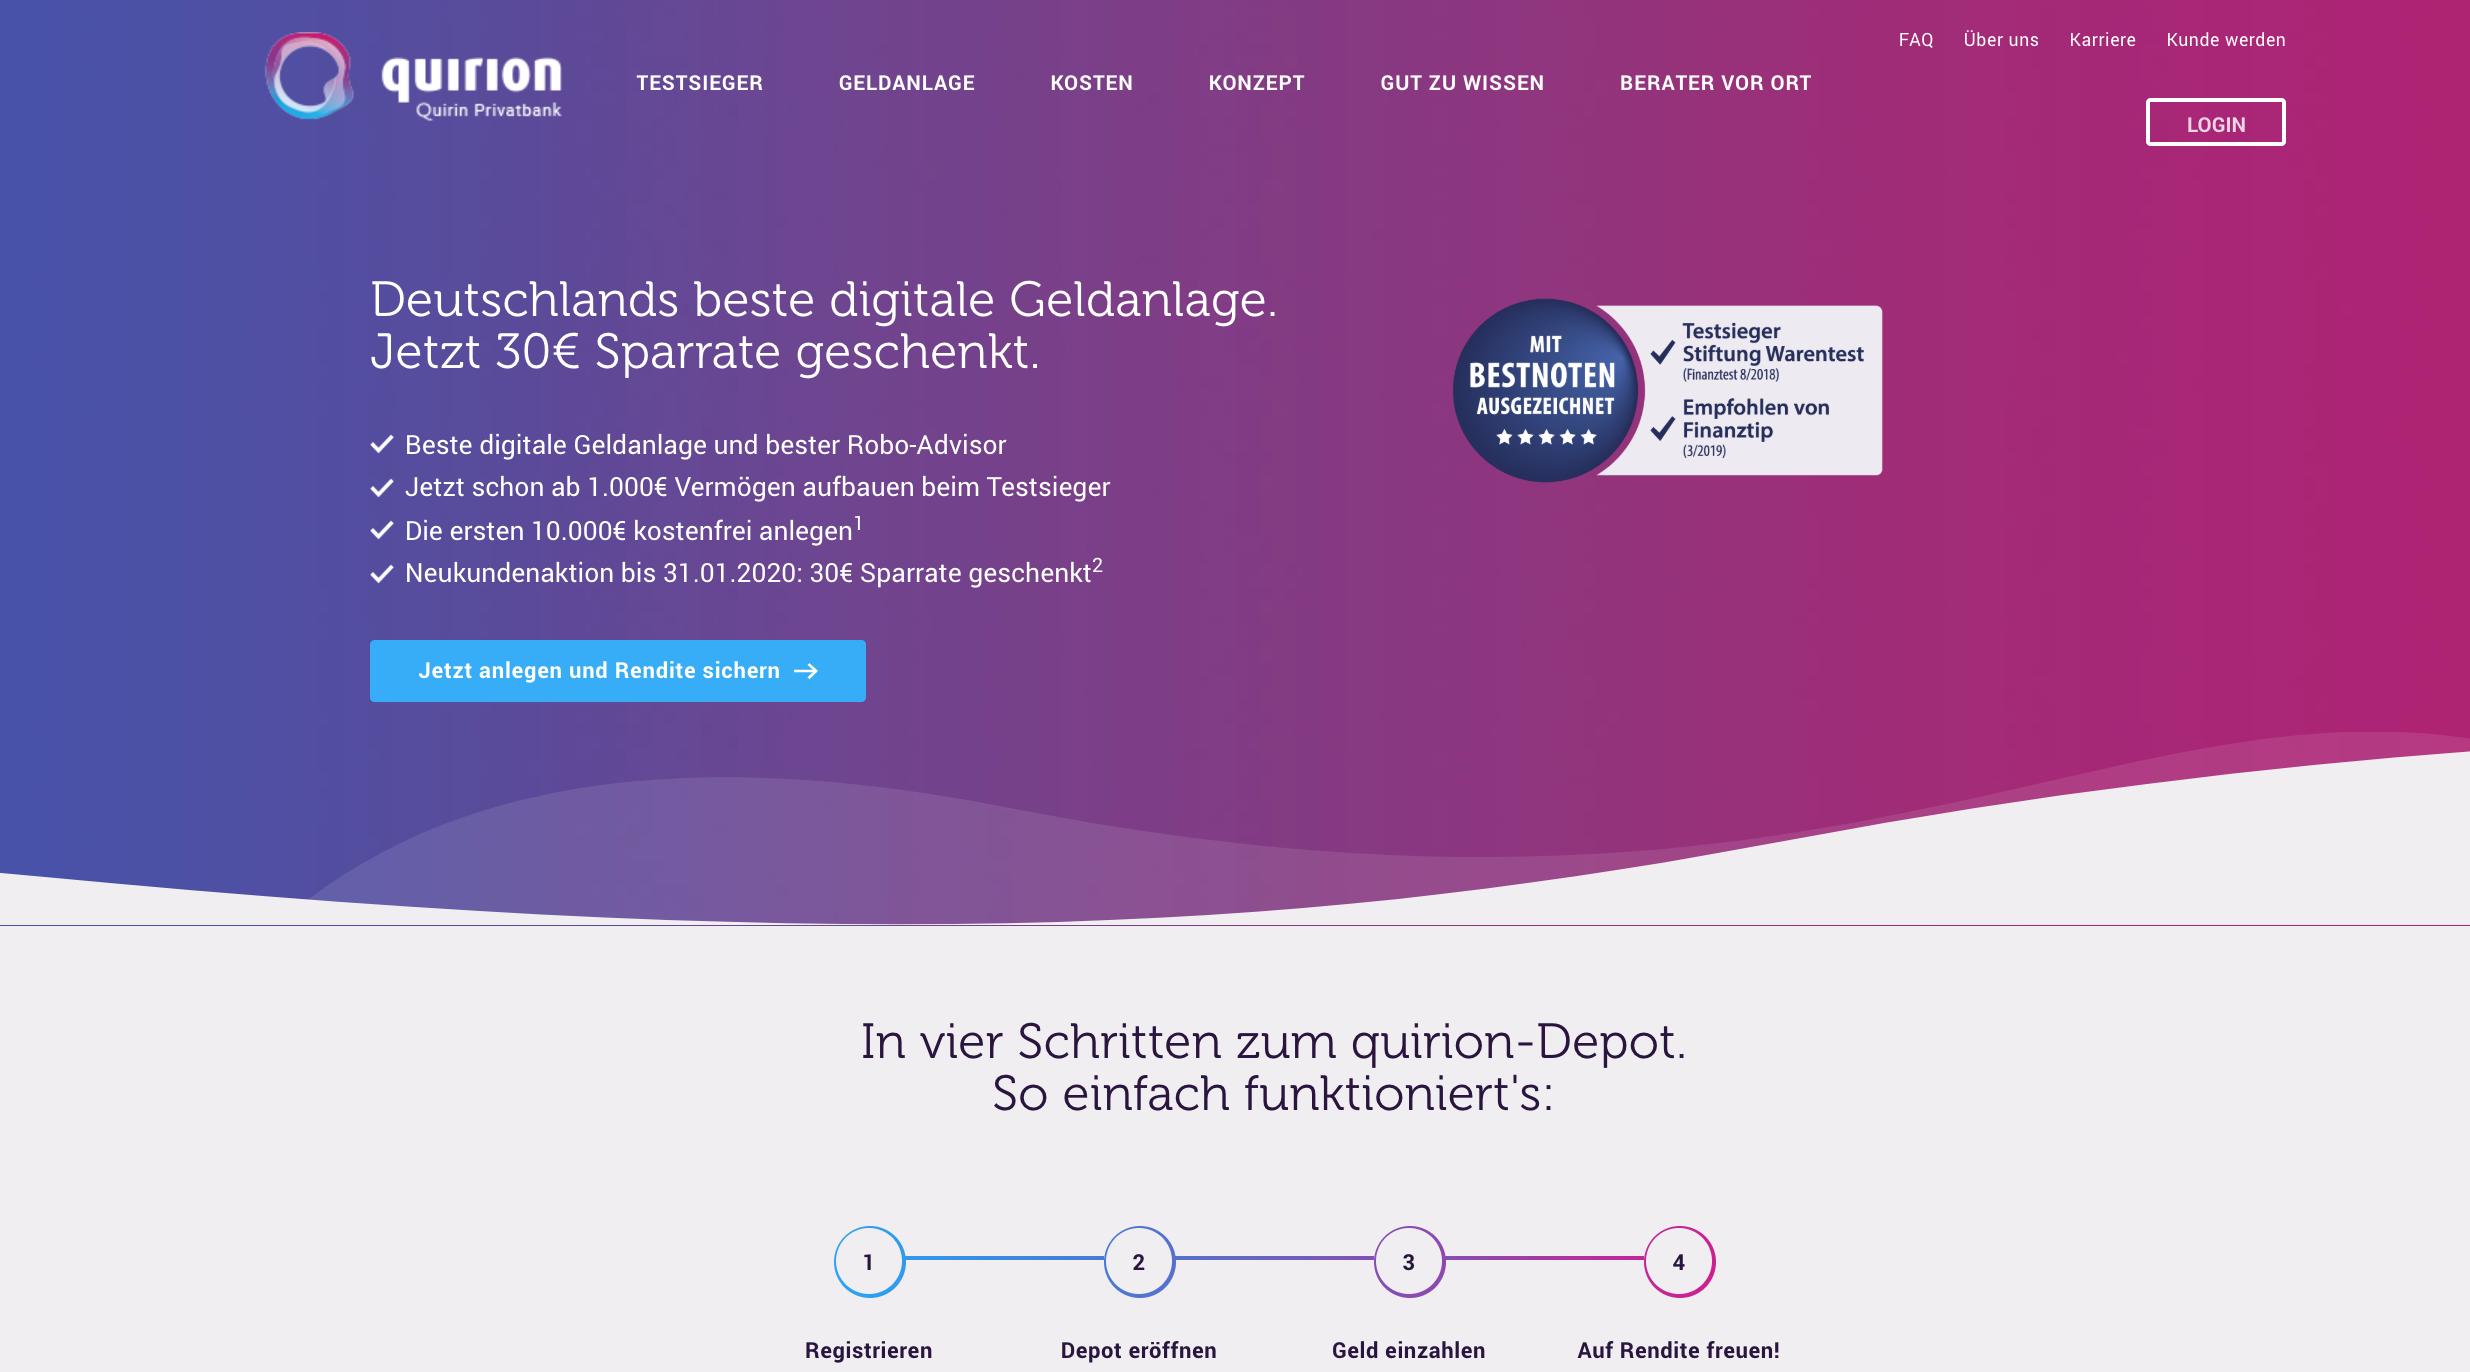 Quirion Website